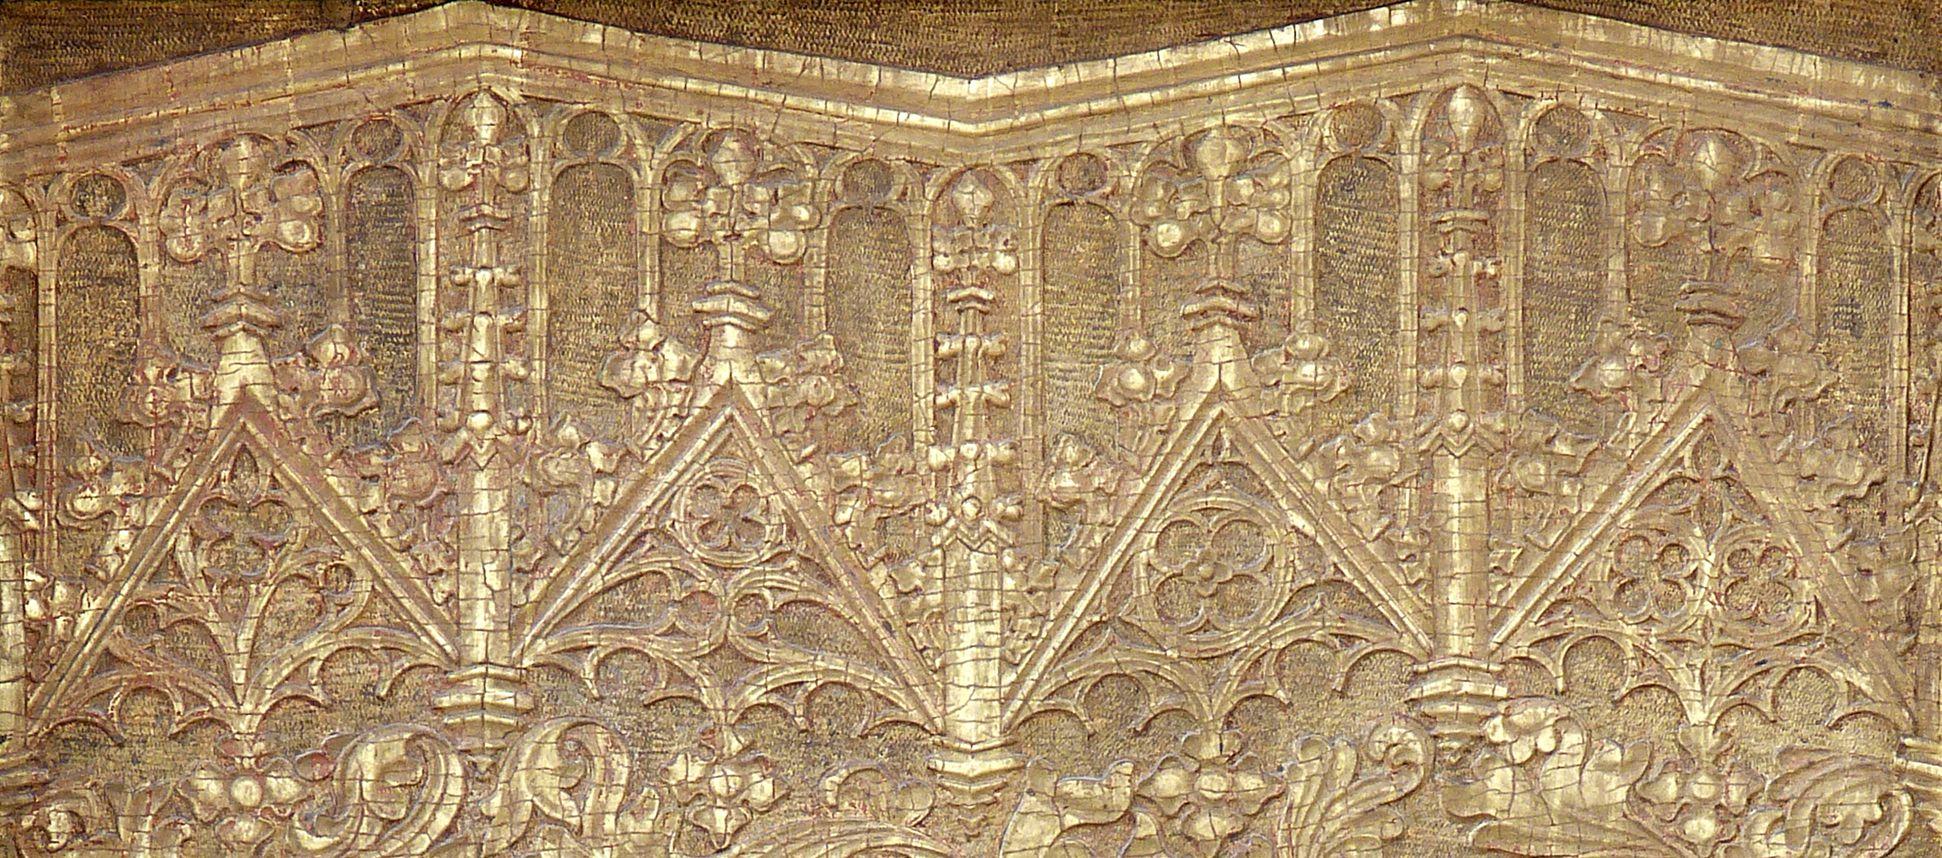 Tucheraltar Rechte Flügelseite, Flachrelief mit Wimpergbaldachinen